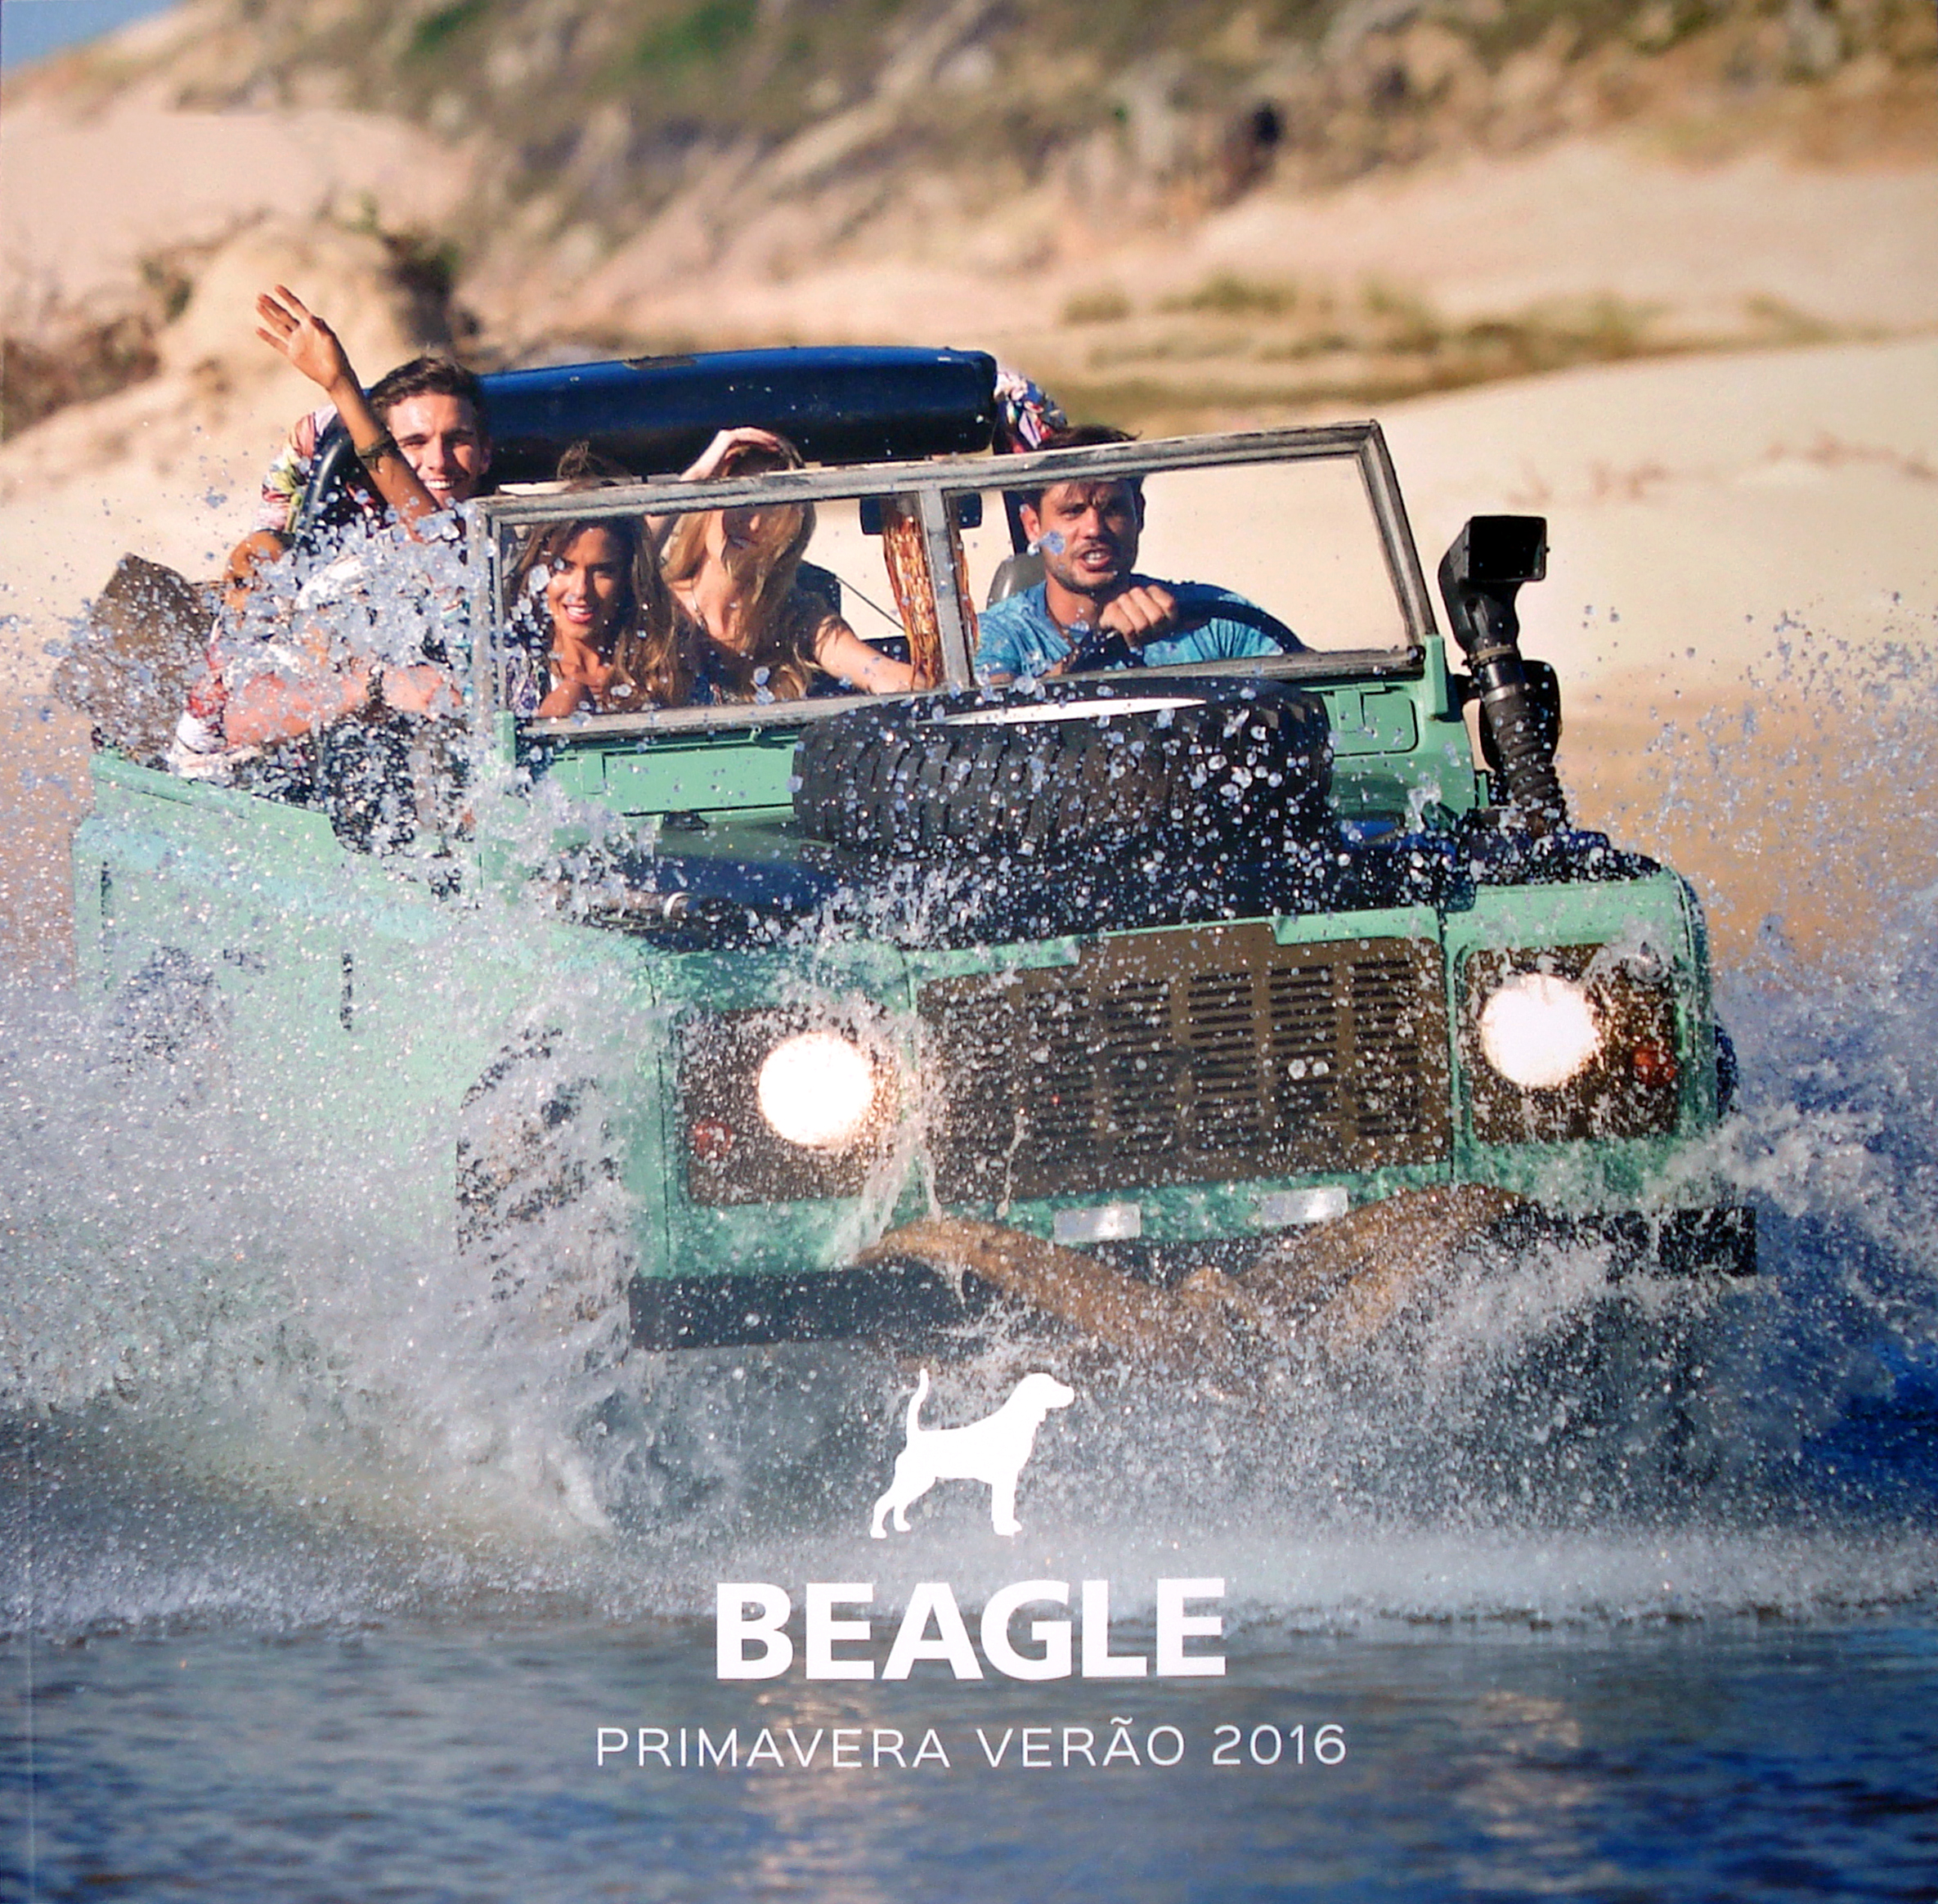 Catálogo Beagle Verão 2016